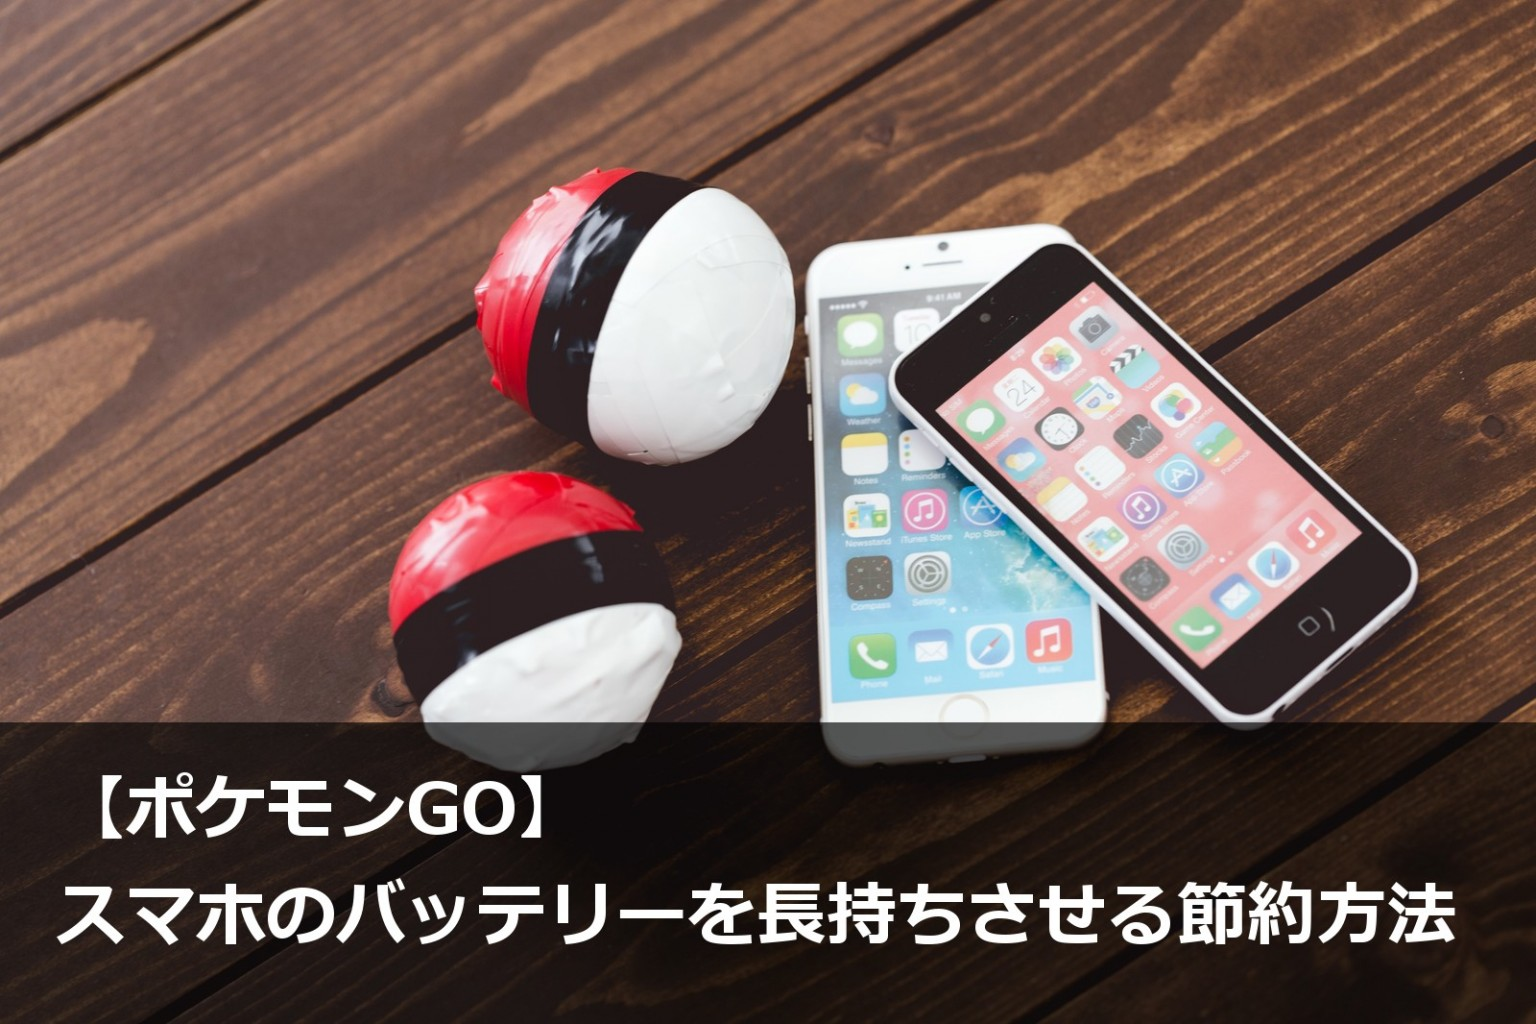 ポケモンgo】スマホのバッテリーを長持ちさせる節約方法(iphone、android